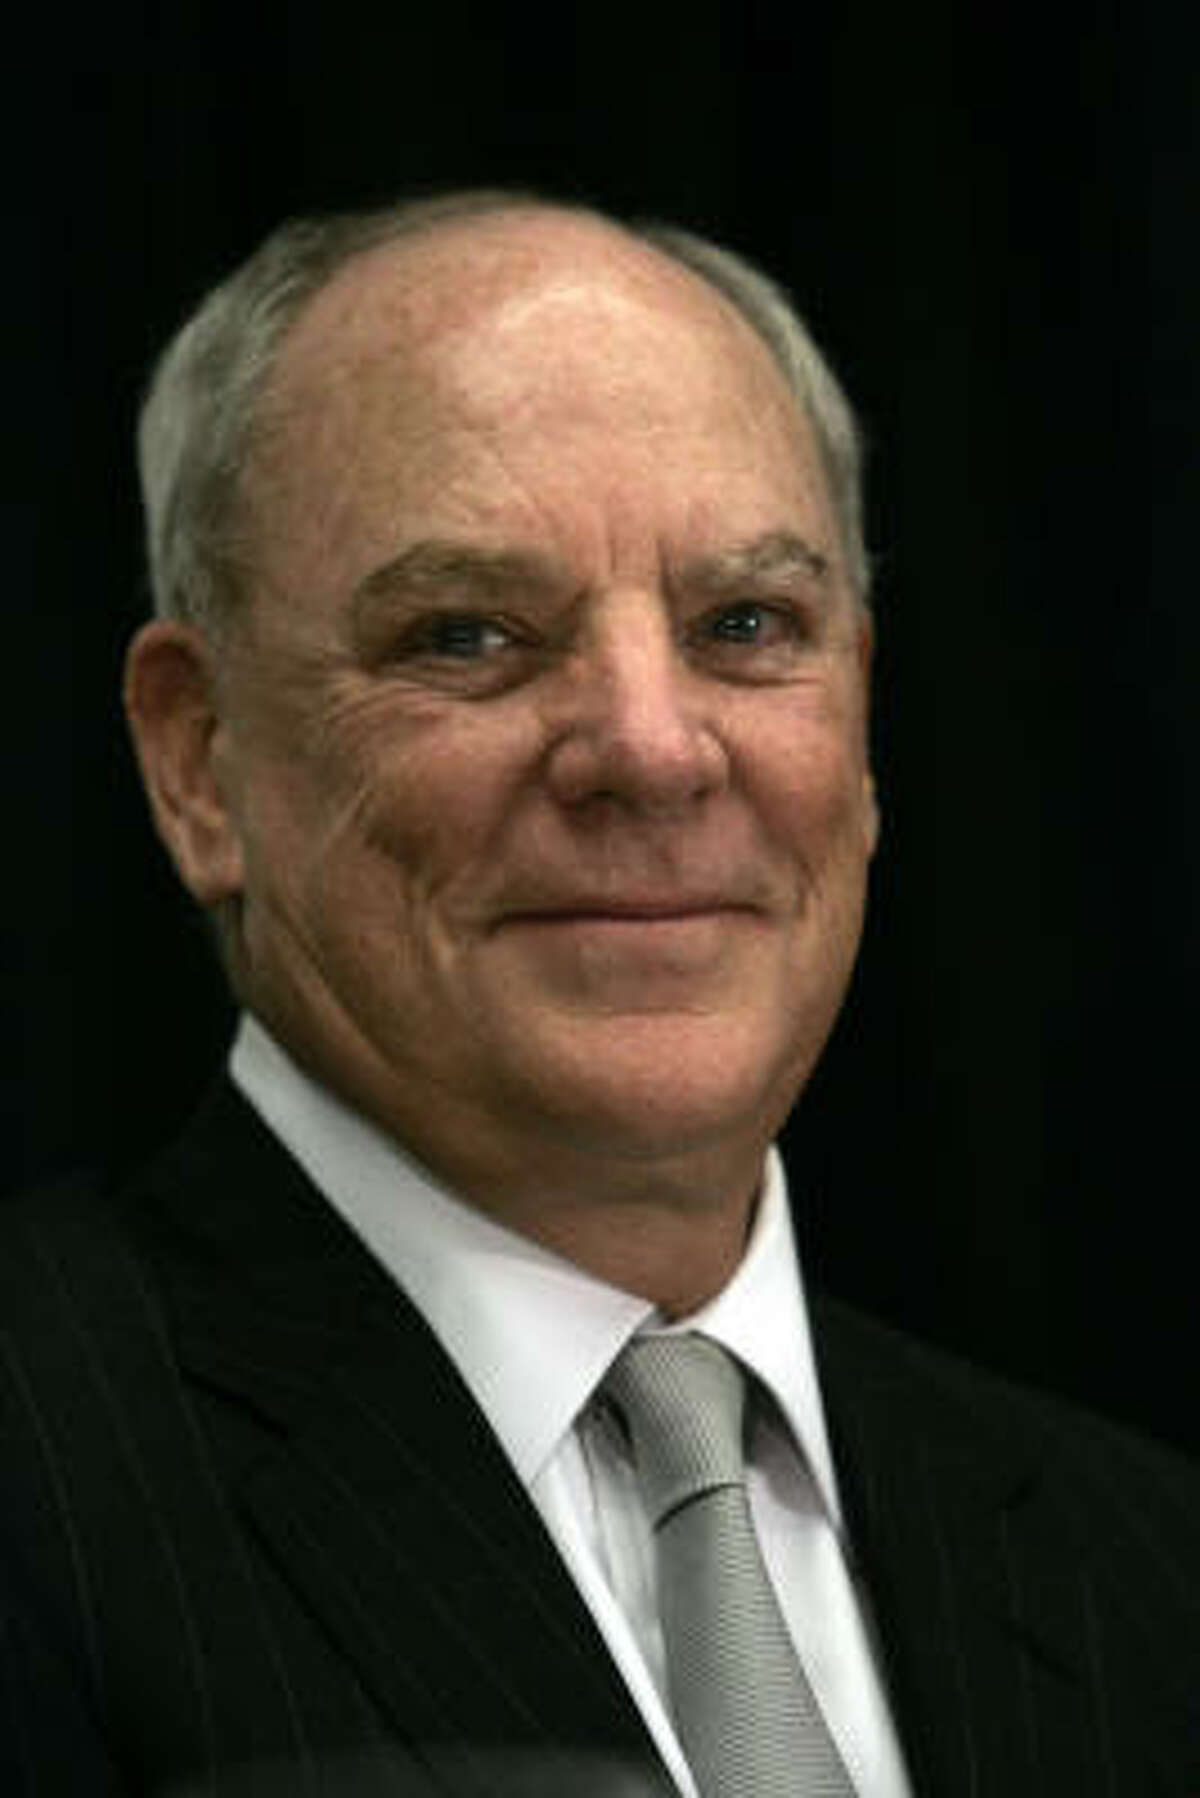 Robert McNair, Houston Texans Net worth: $1.4 billion Team value: $1.2 billion